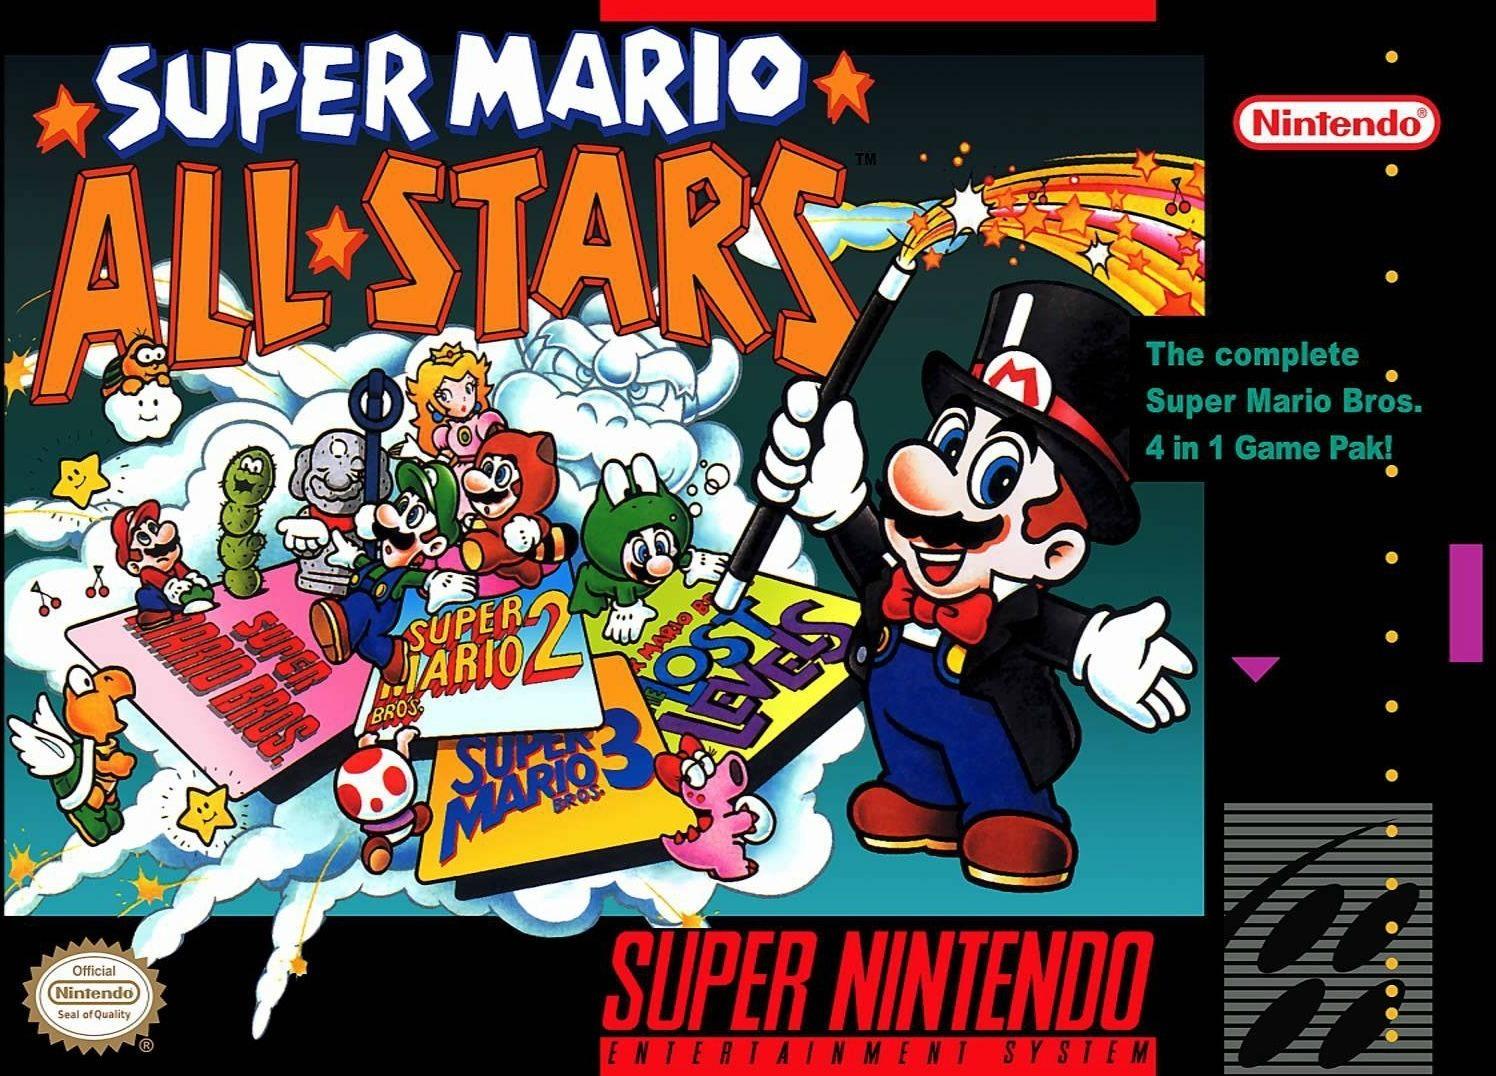 D'accord, alors celui-ci est un peu une triche. Super Mario All-Stars rassemble les trois jeux NES Mario et leur donne une cure de jouvence visuelle. En prime, vous pouvez lancer votre contrôleur encore et encore aux niveaux perdus incroyablement difficiles. Quoi qu'il en soit, c'est assez génial de jouer à travers l'évolution de la série phare de Nintendo.